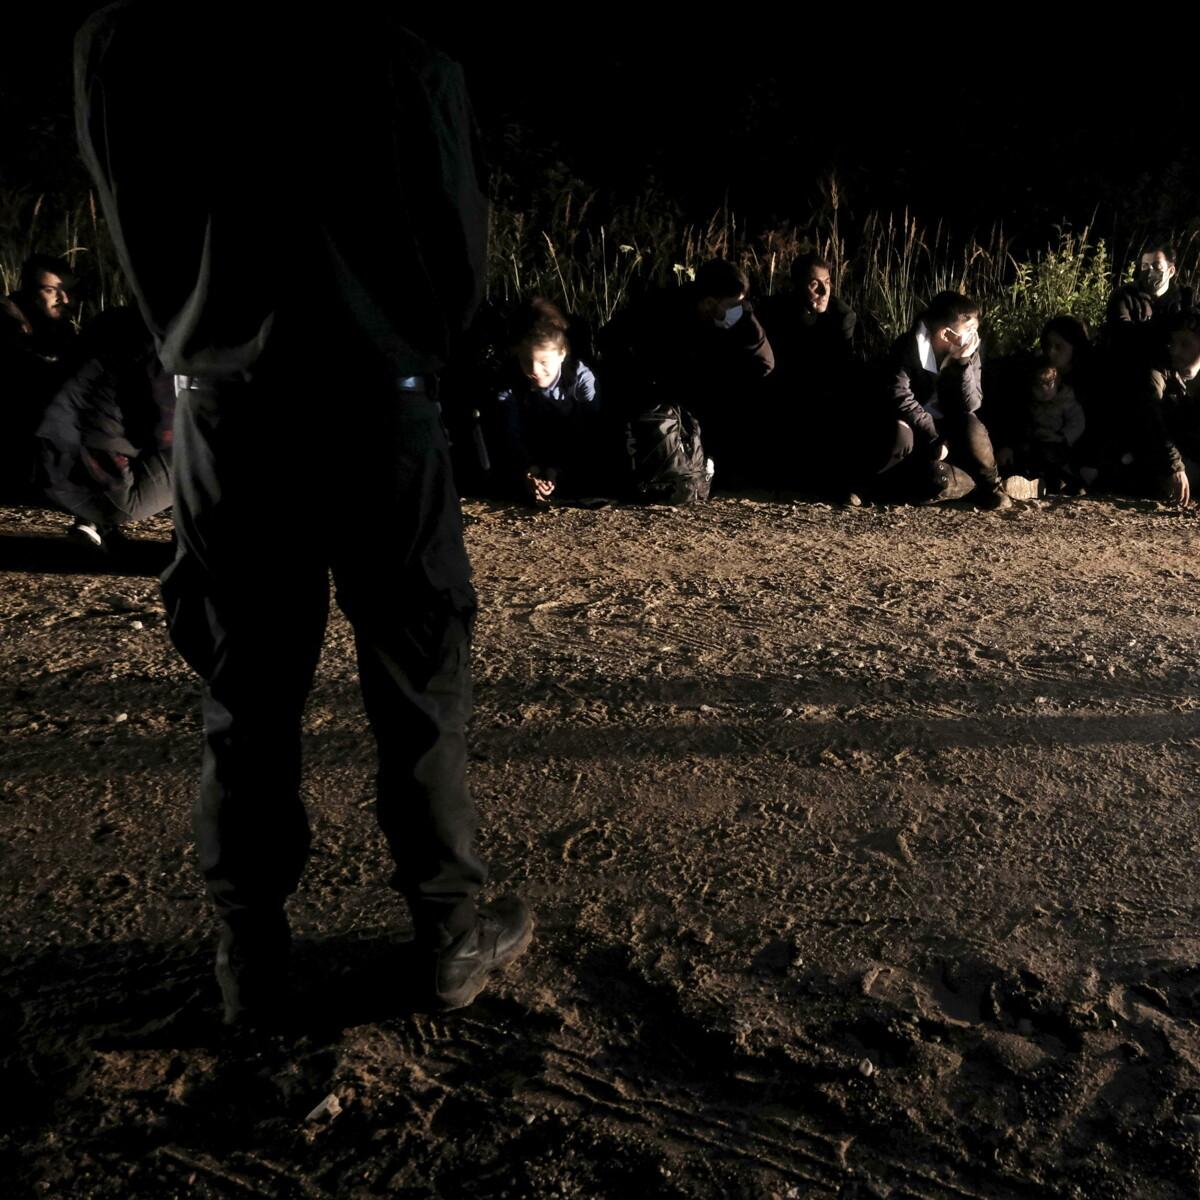 In Germania ronde di neonazisti armati di machete per fermare i migranti al confine